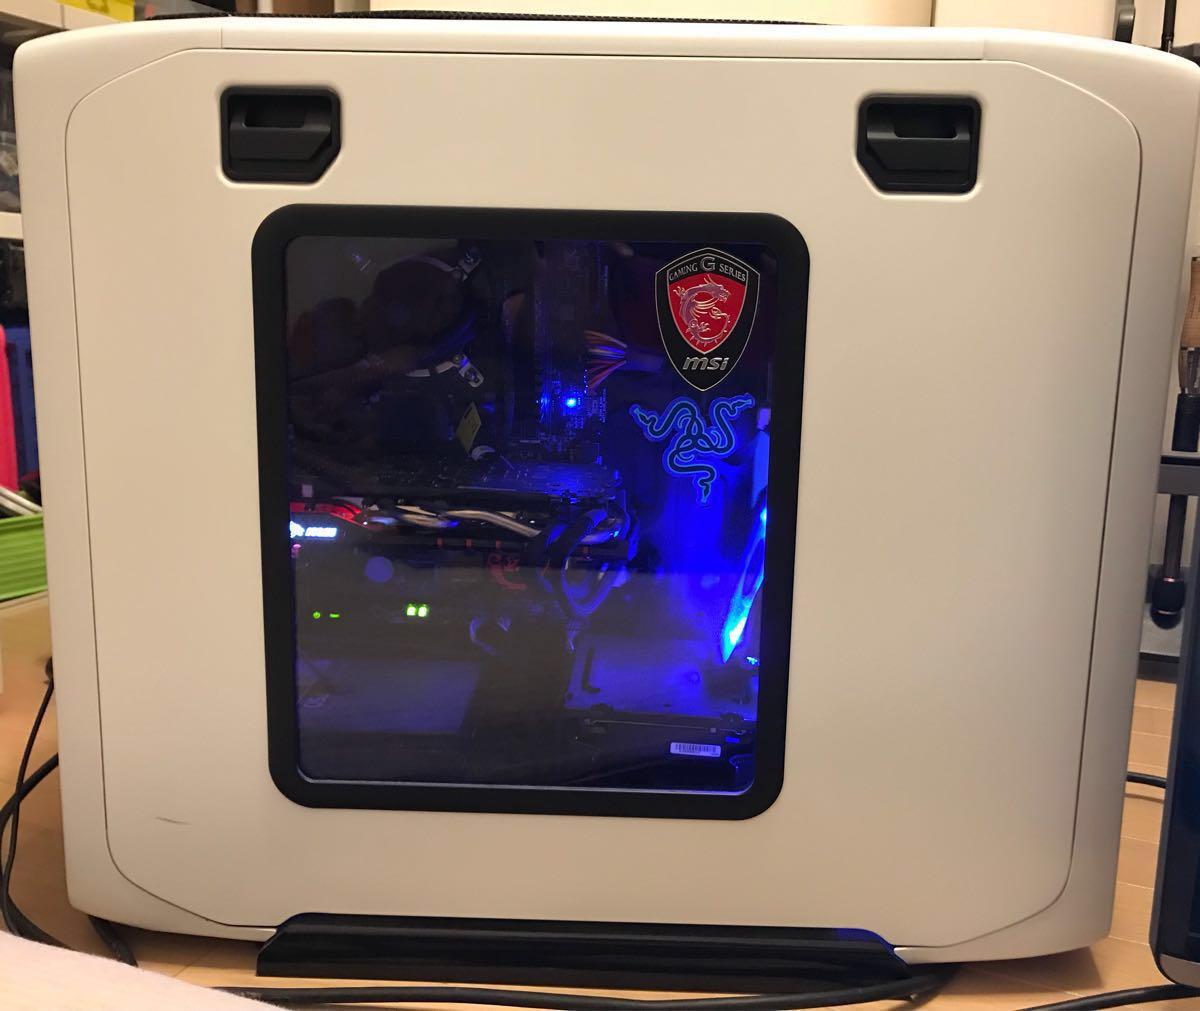 自作PC i7-4770K/GTX970/SSD120GB/16GB/BD/Z87-GD65/750W/USB3.0 簡易水冷ケース電源メモリ全てコルセア